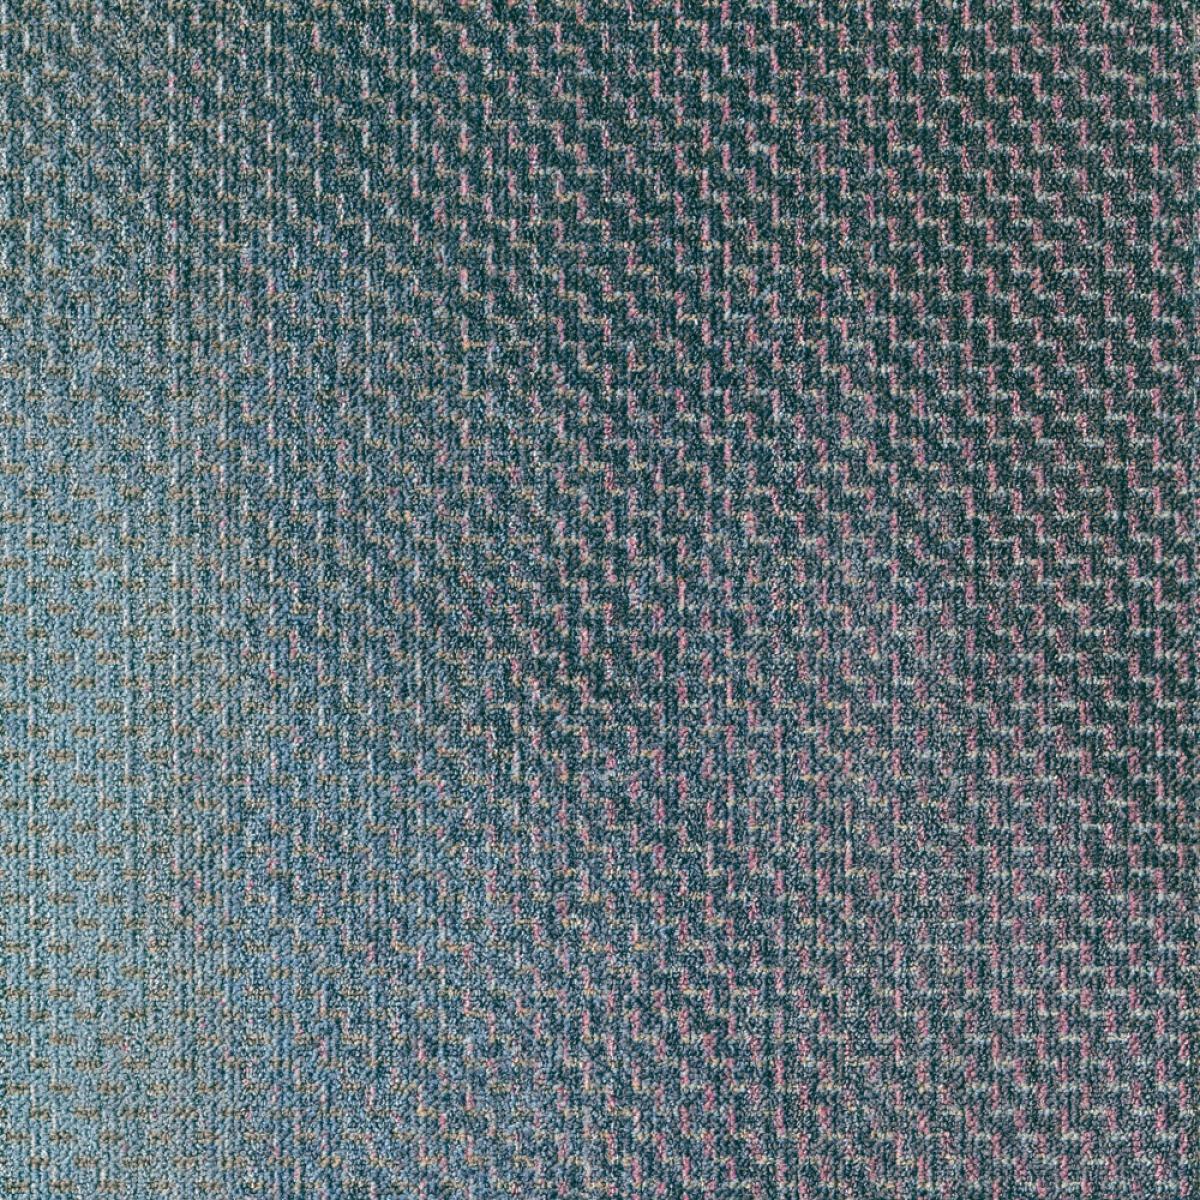 Katalog Kobercov 253 Ch čtverců Milliken Crafted Series Modern